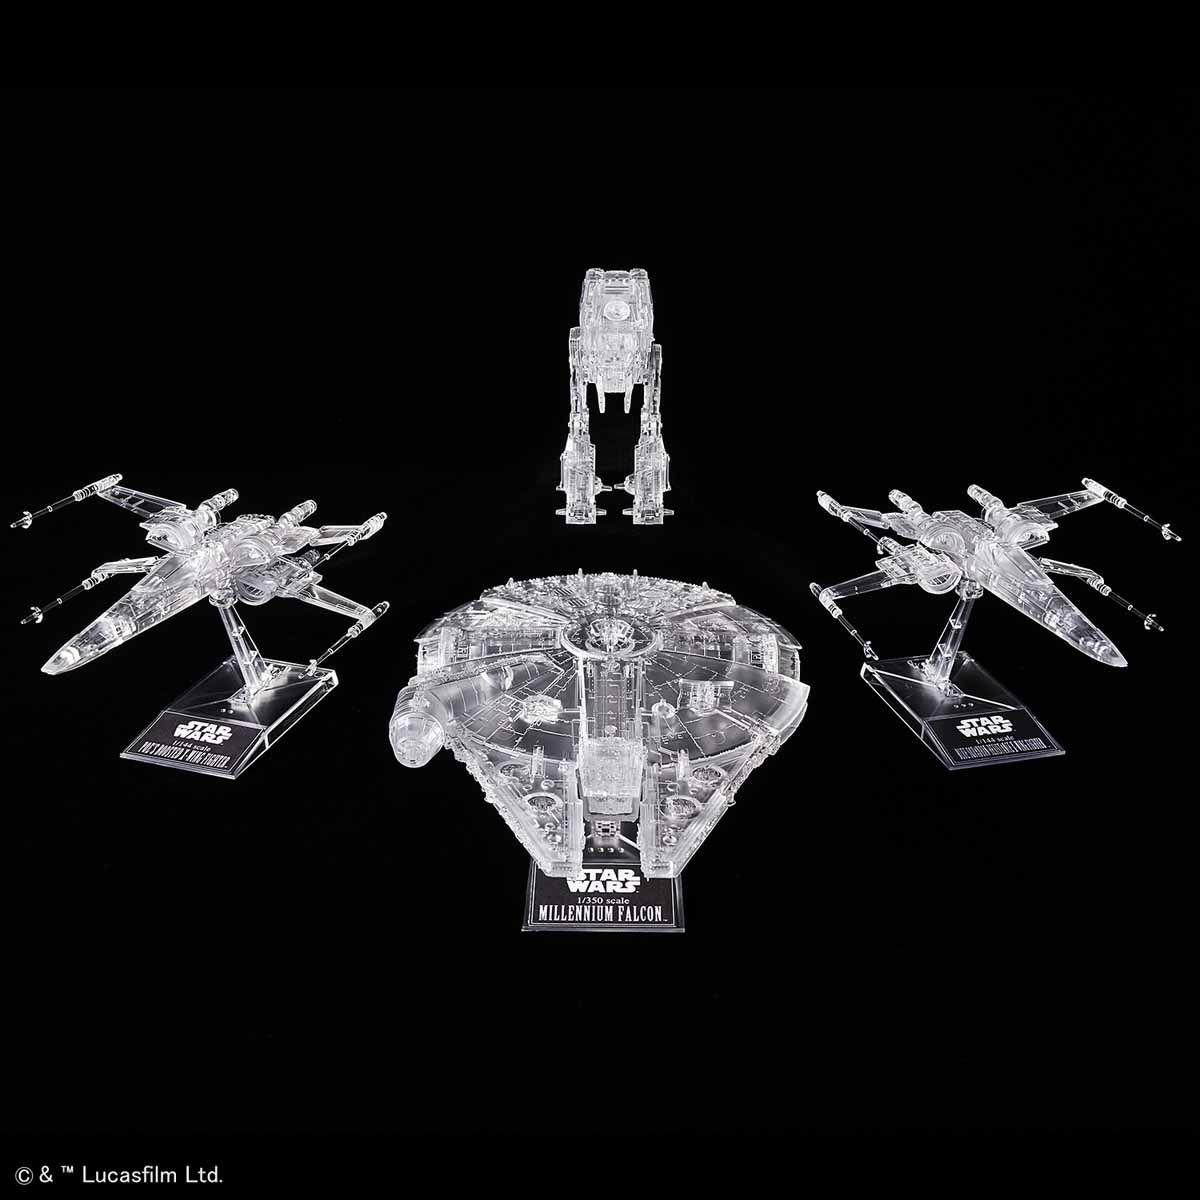 1/144 & 1/350 & 1/540 『星際大戰: THE LAST JEDI』 透明載具套件